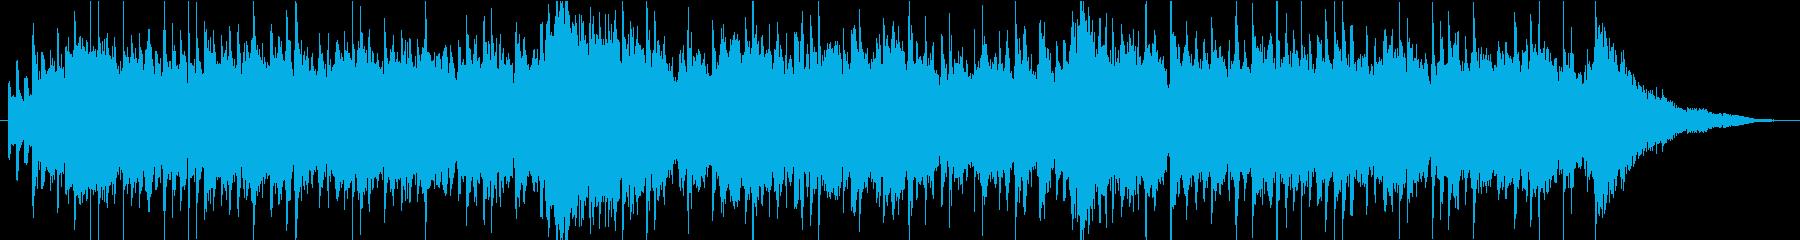 琴、尺八、太鼓、穏やかで優しい和風BGMの再生済みの波形